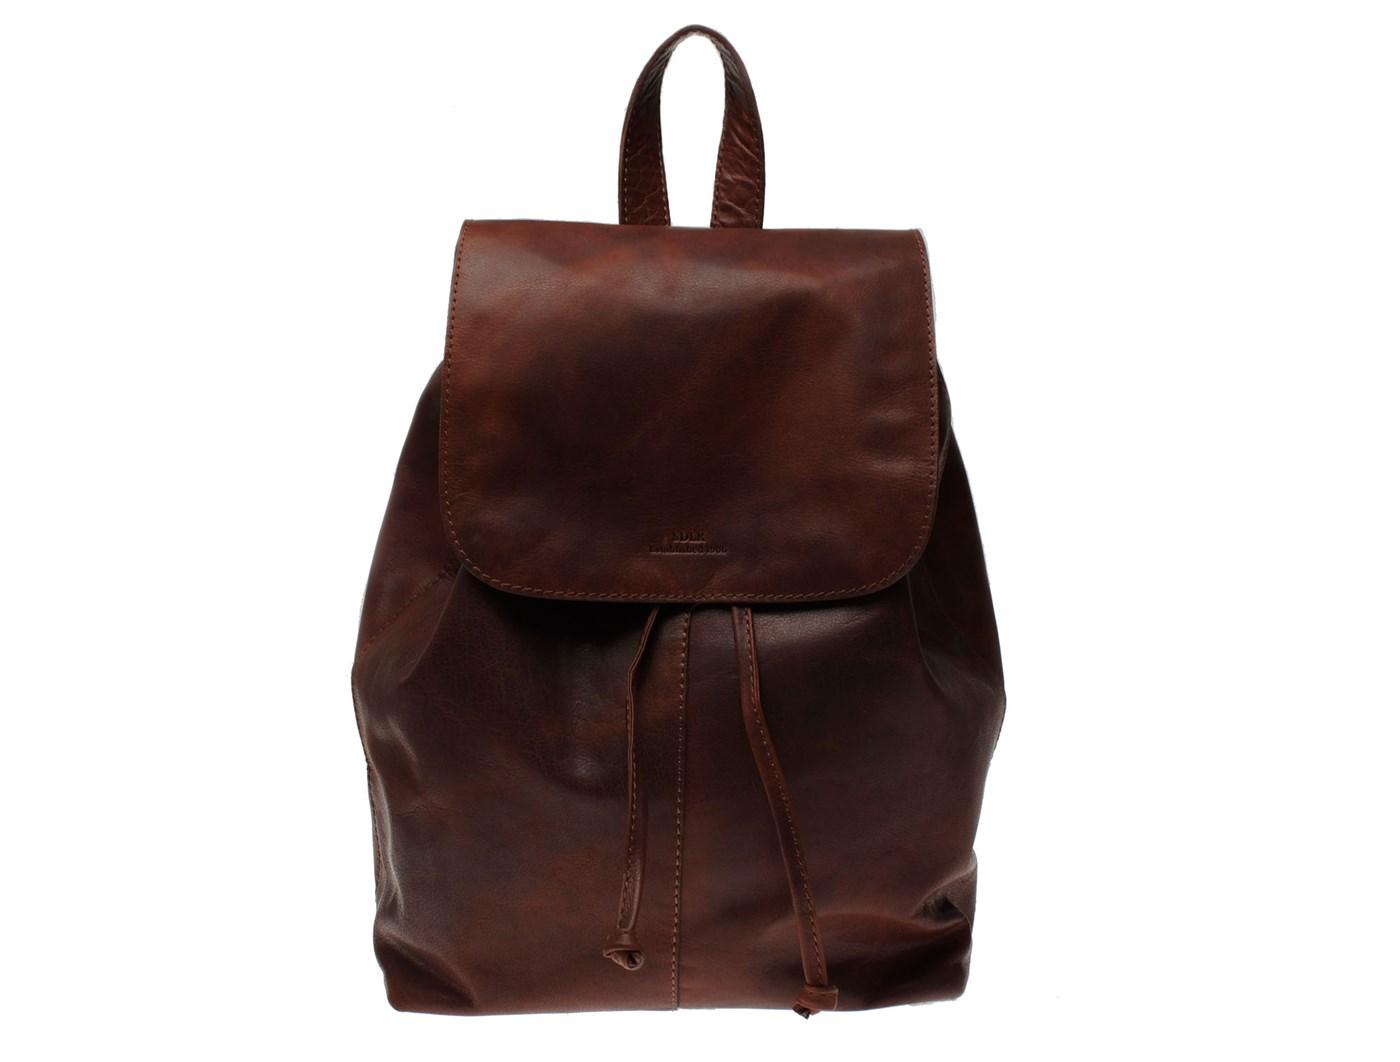 saddler sdlr ryggsäck trieste 11075 italienska väskbutiken f761351231d76